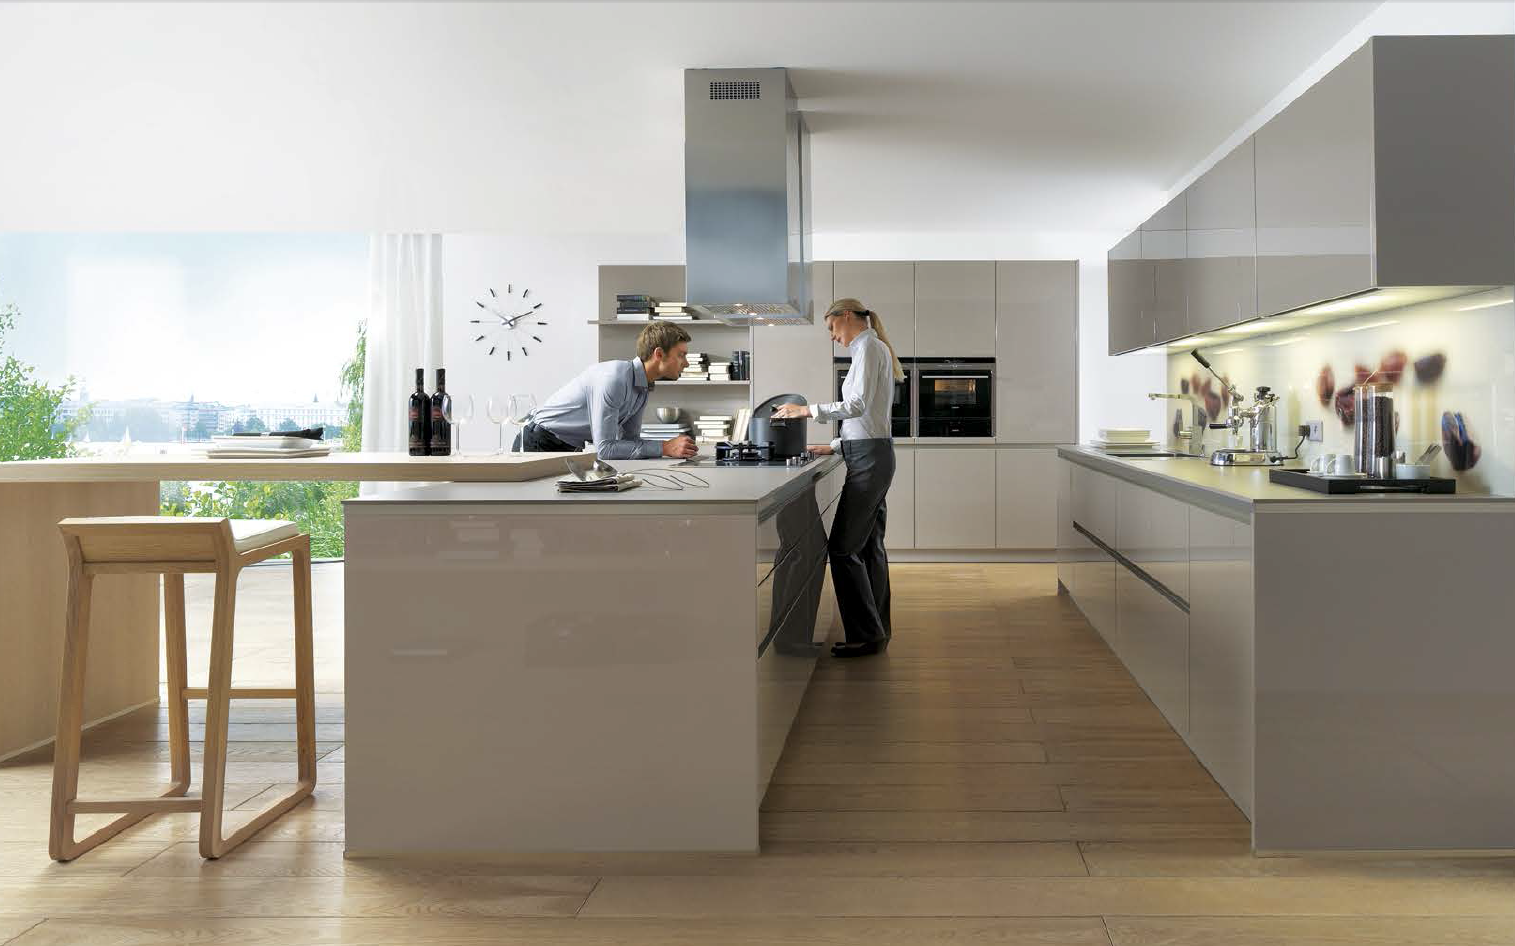 Moderne keuken kleuren beste inspiratie voor huis ontwerp - Moderne keuken kleur ...